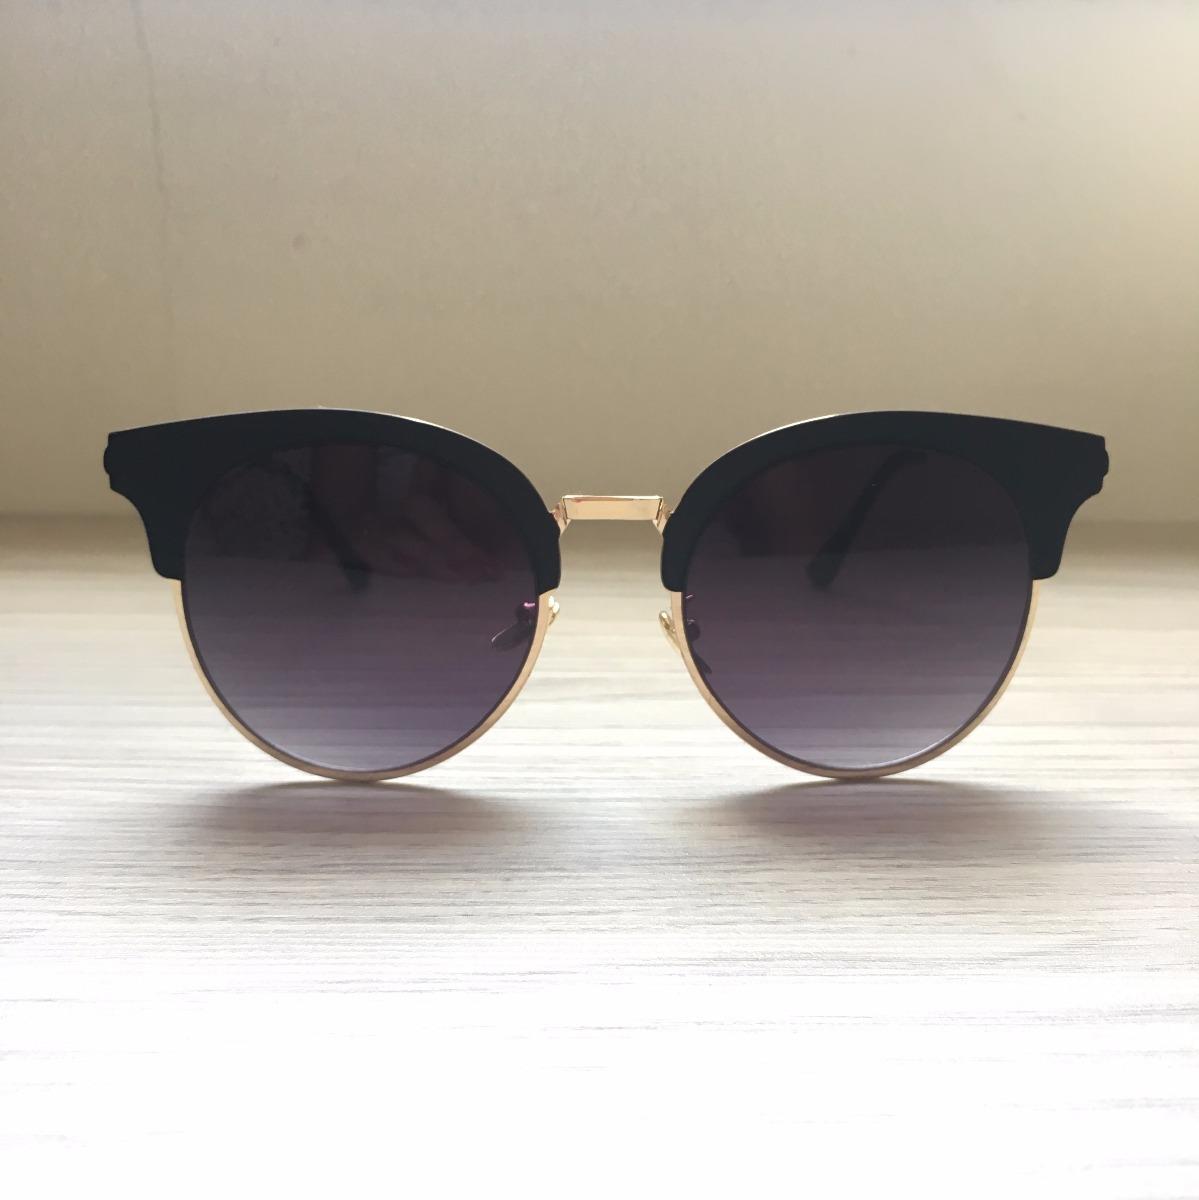 3038aef3e1e0e óculos de sol feminino gatinho redondo espelhado preto rosa. Carregando  zoom.